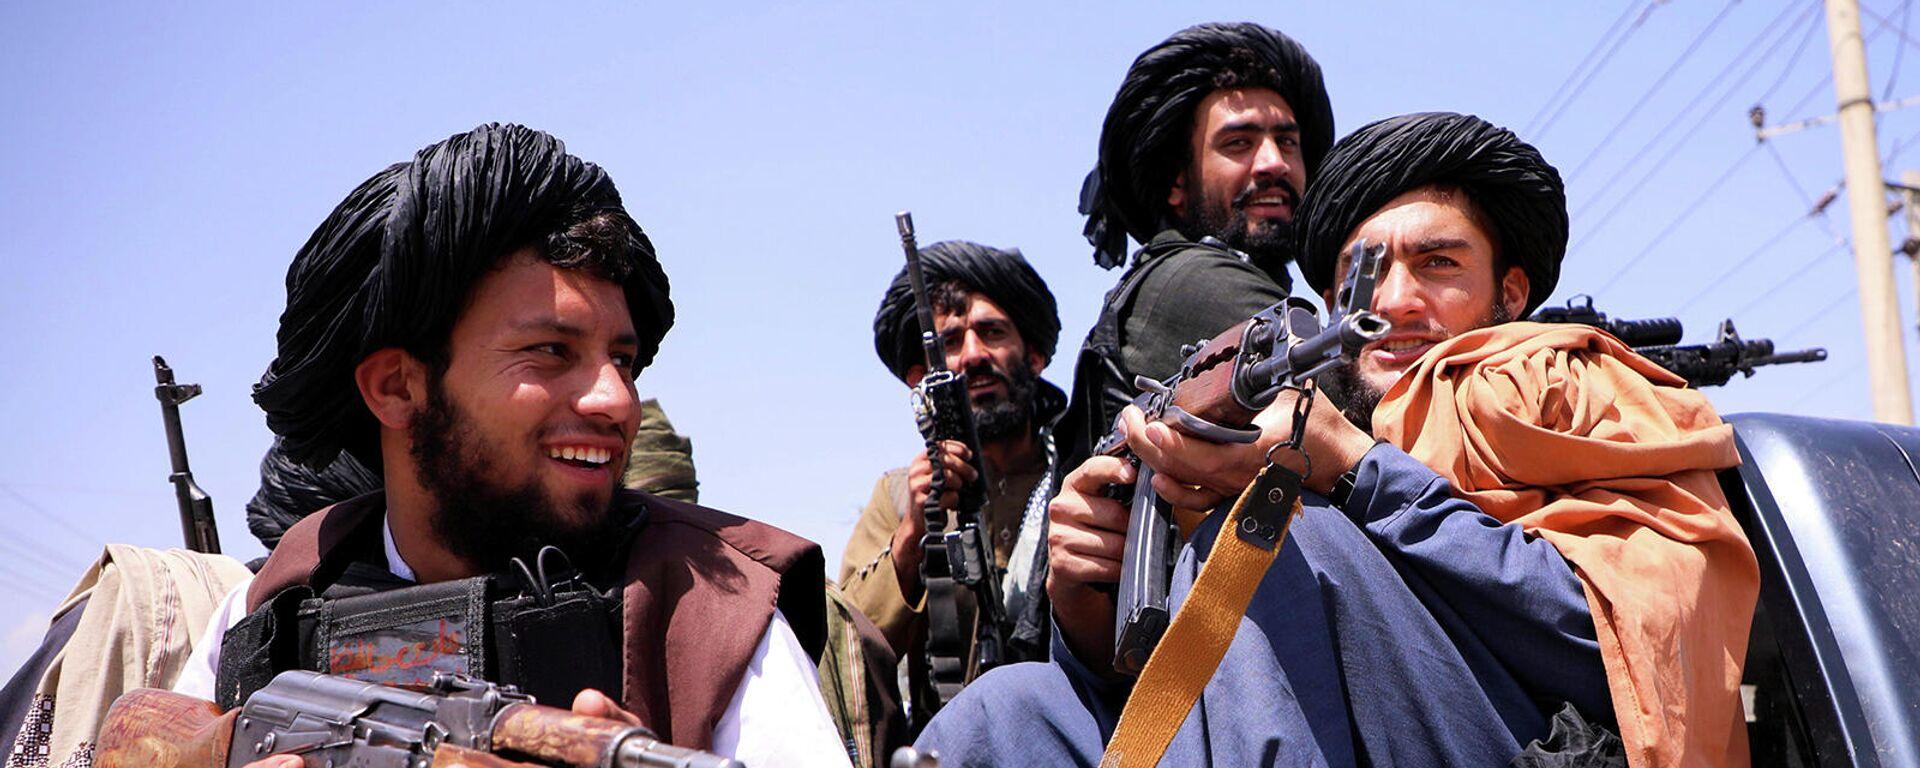 Боевики Талибана патрулируют международный аэропорт Хамида Карзая в Кабуле (2 сентября 2021). Афганистан - Sputnik Армения, 1920, 12.10.2021